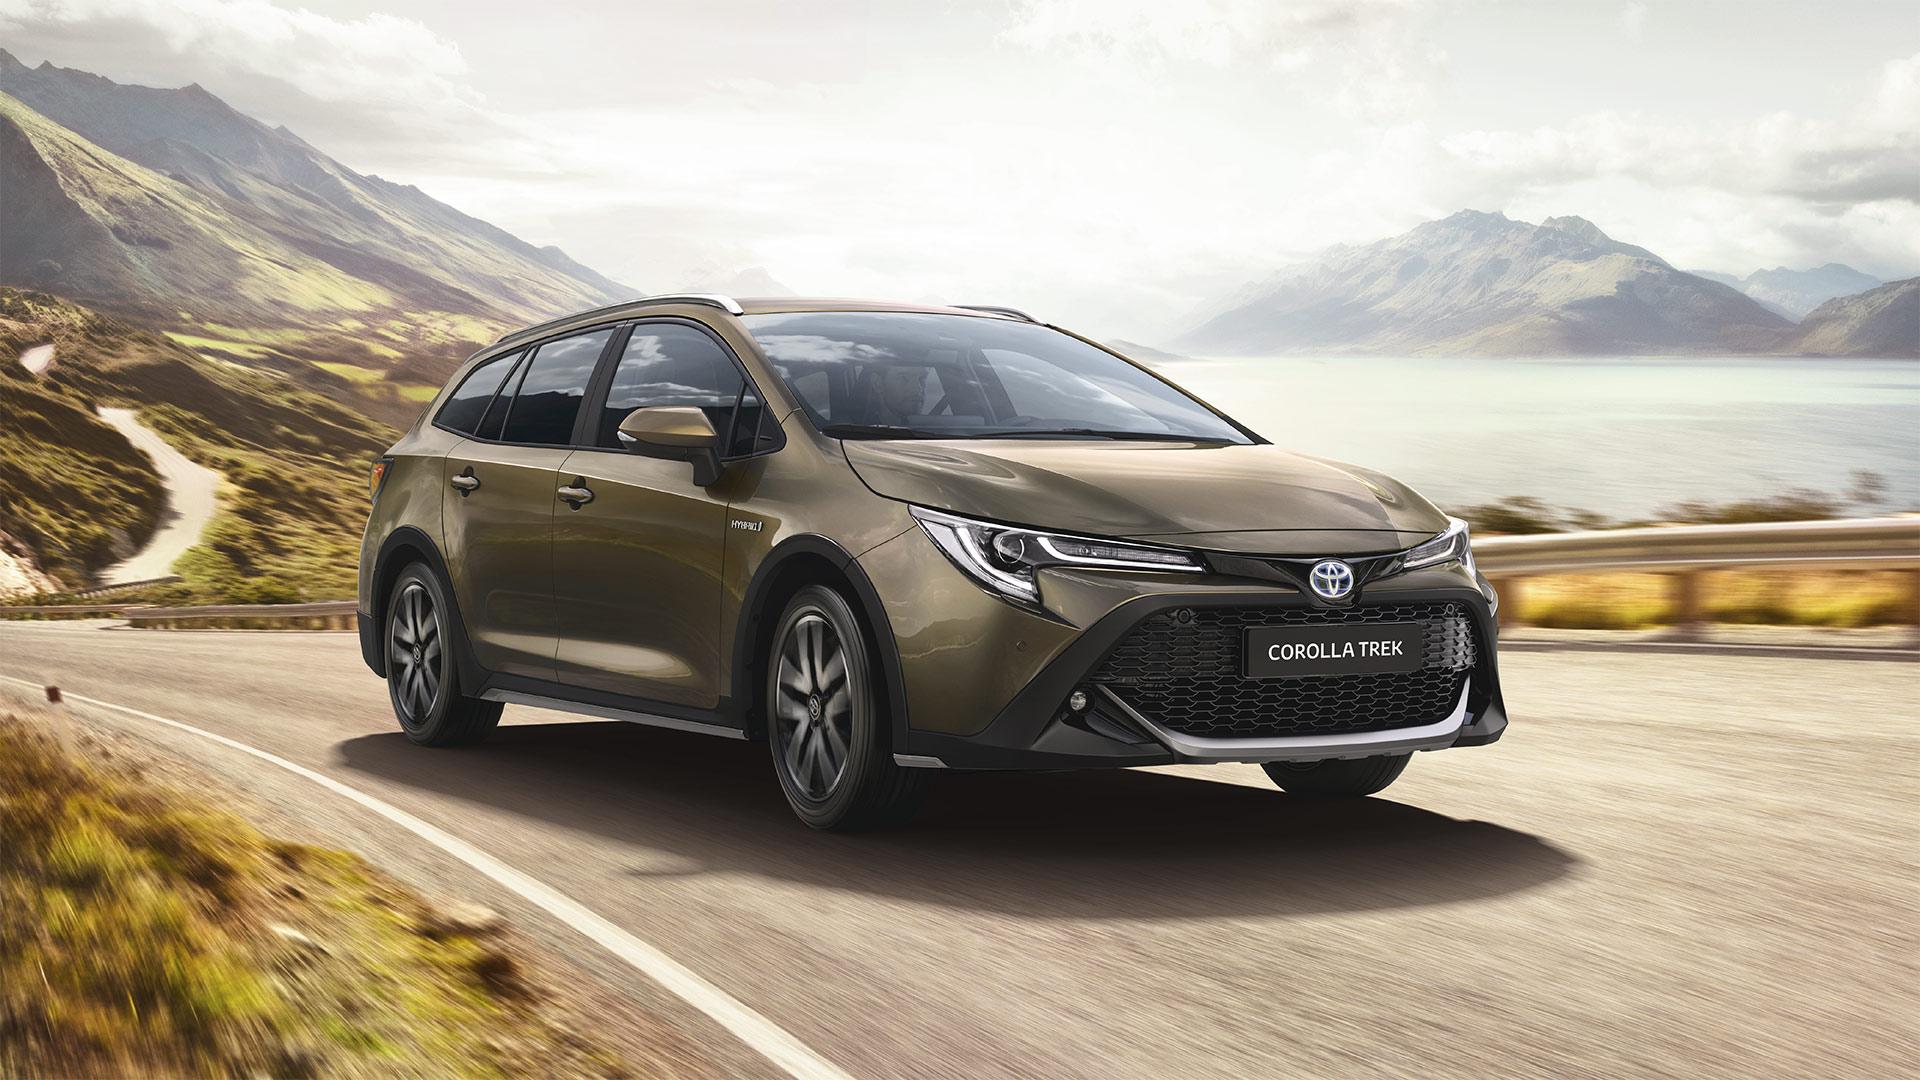 Toyota Corolla Trek já disponível em Portugal